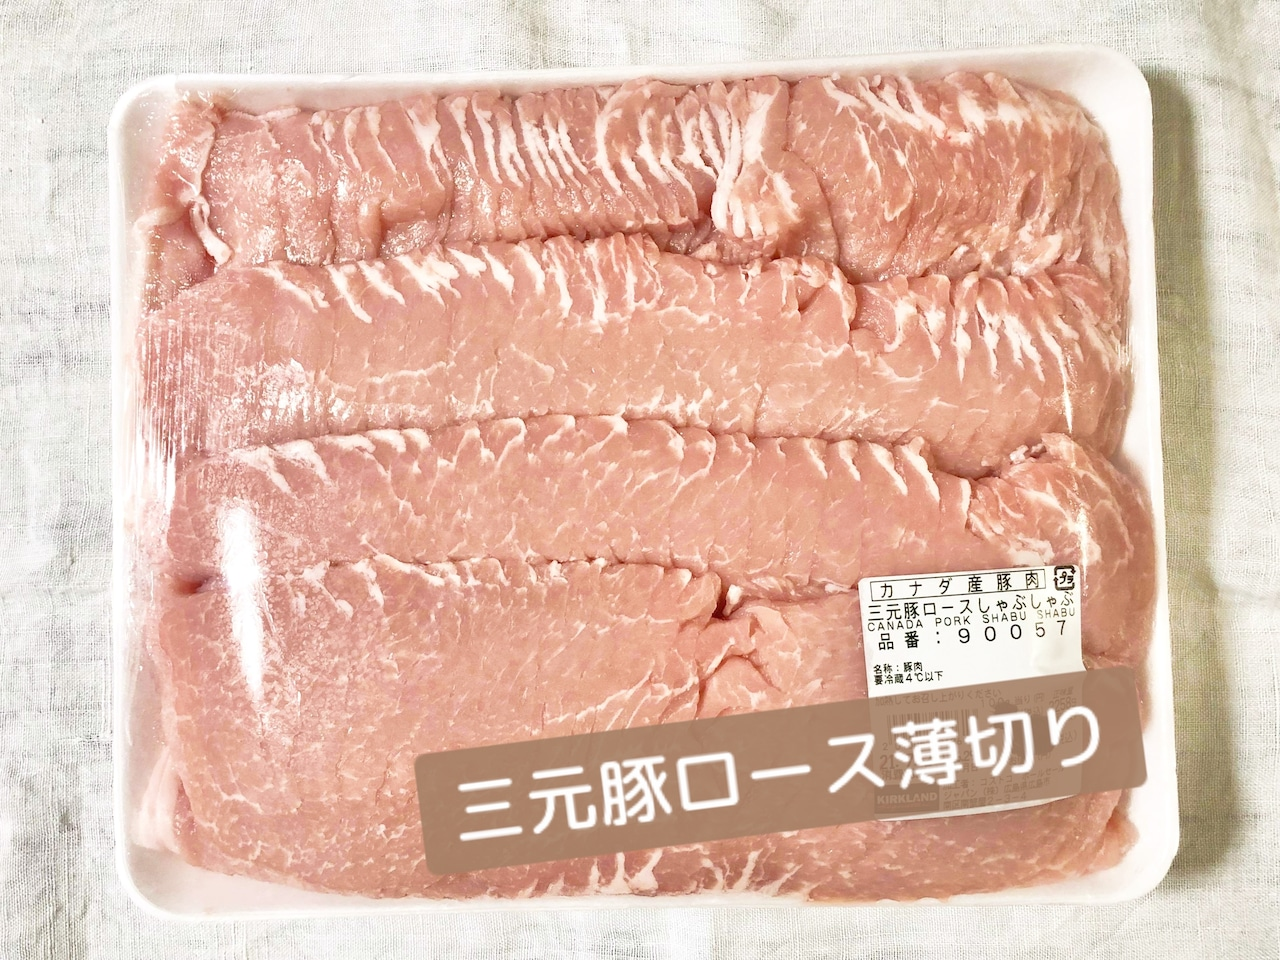 三元豚ロース薄切り 約2,000g